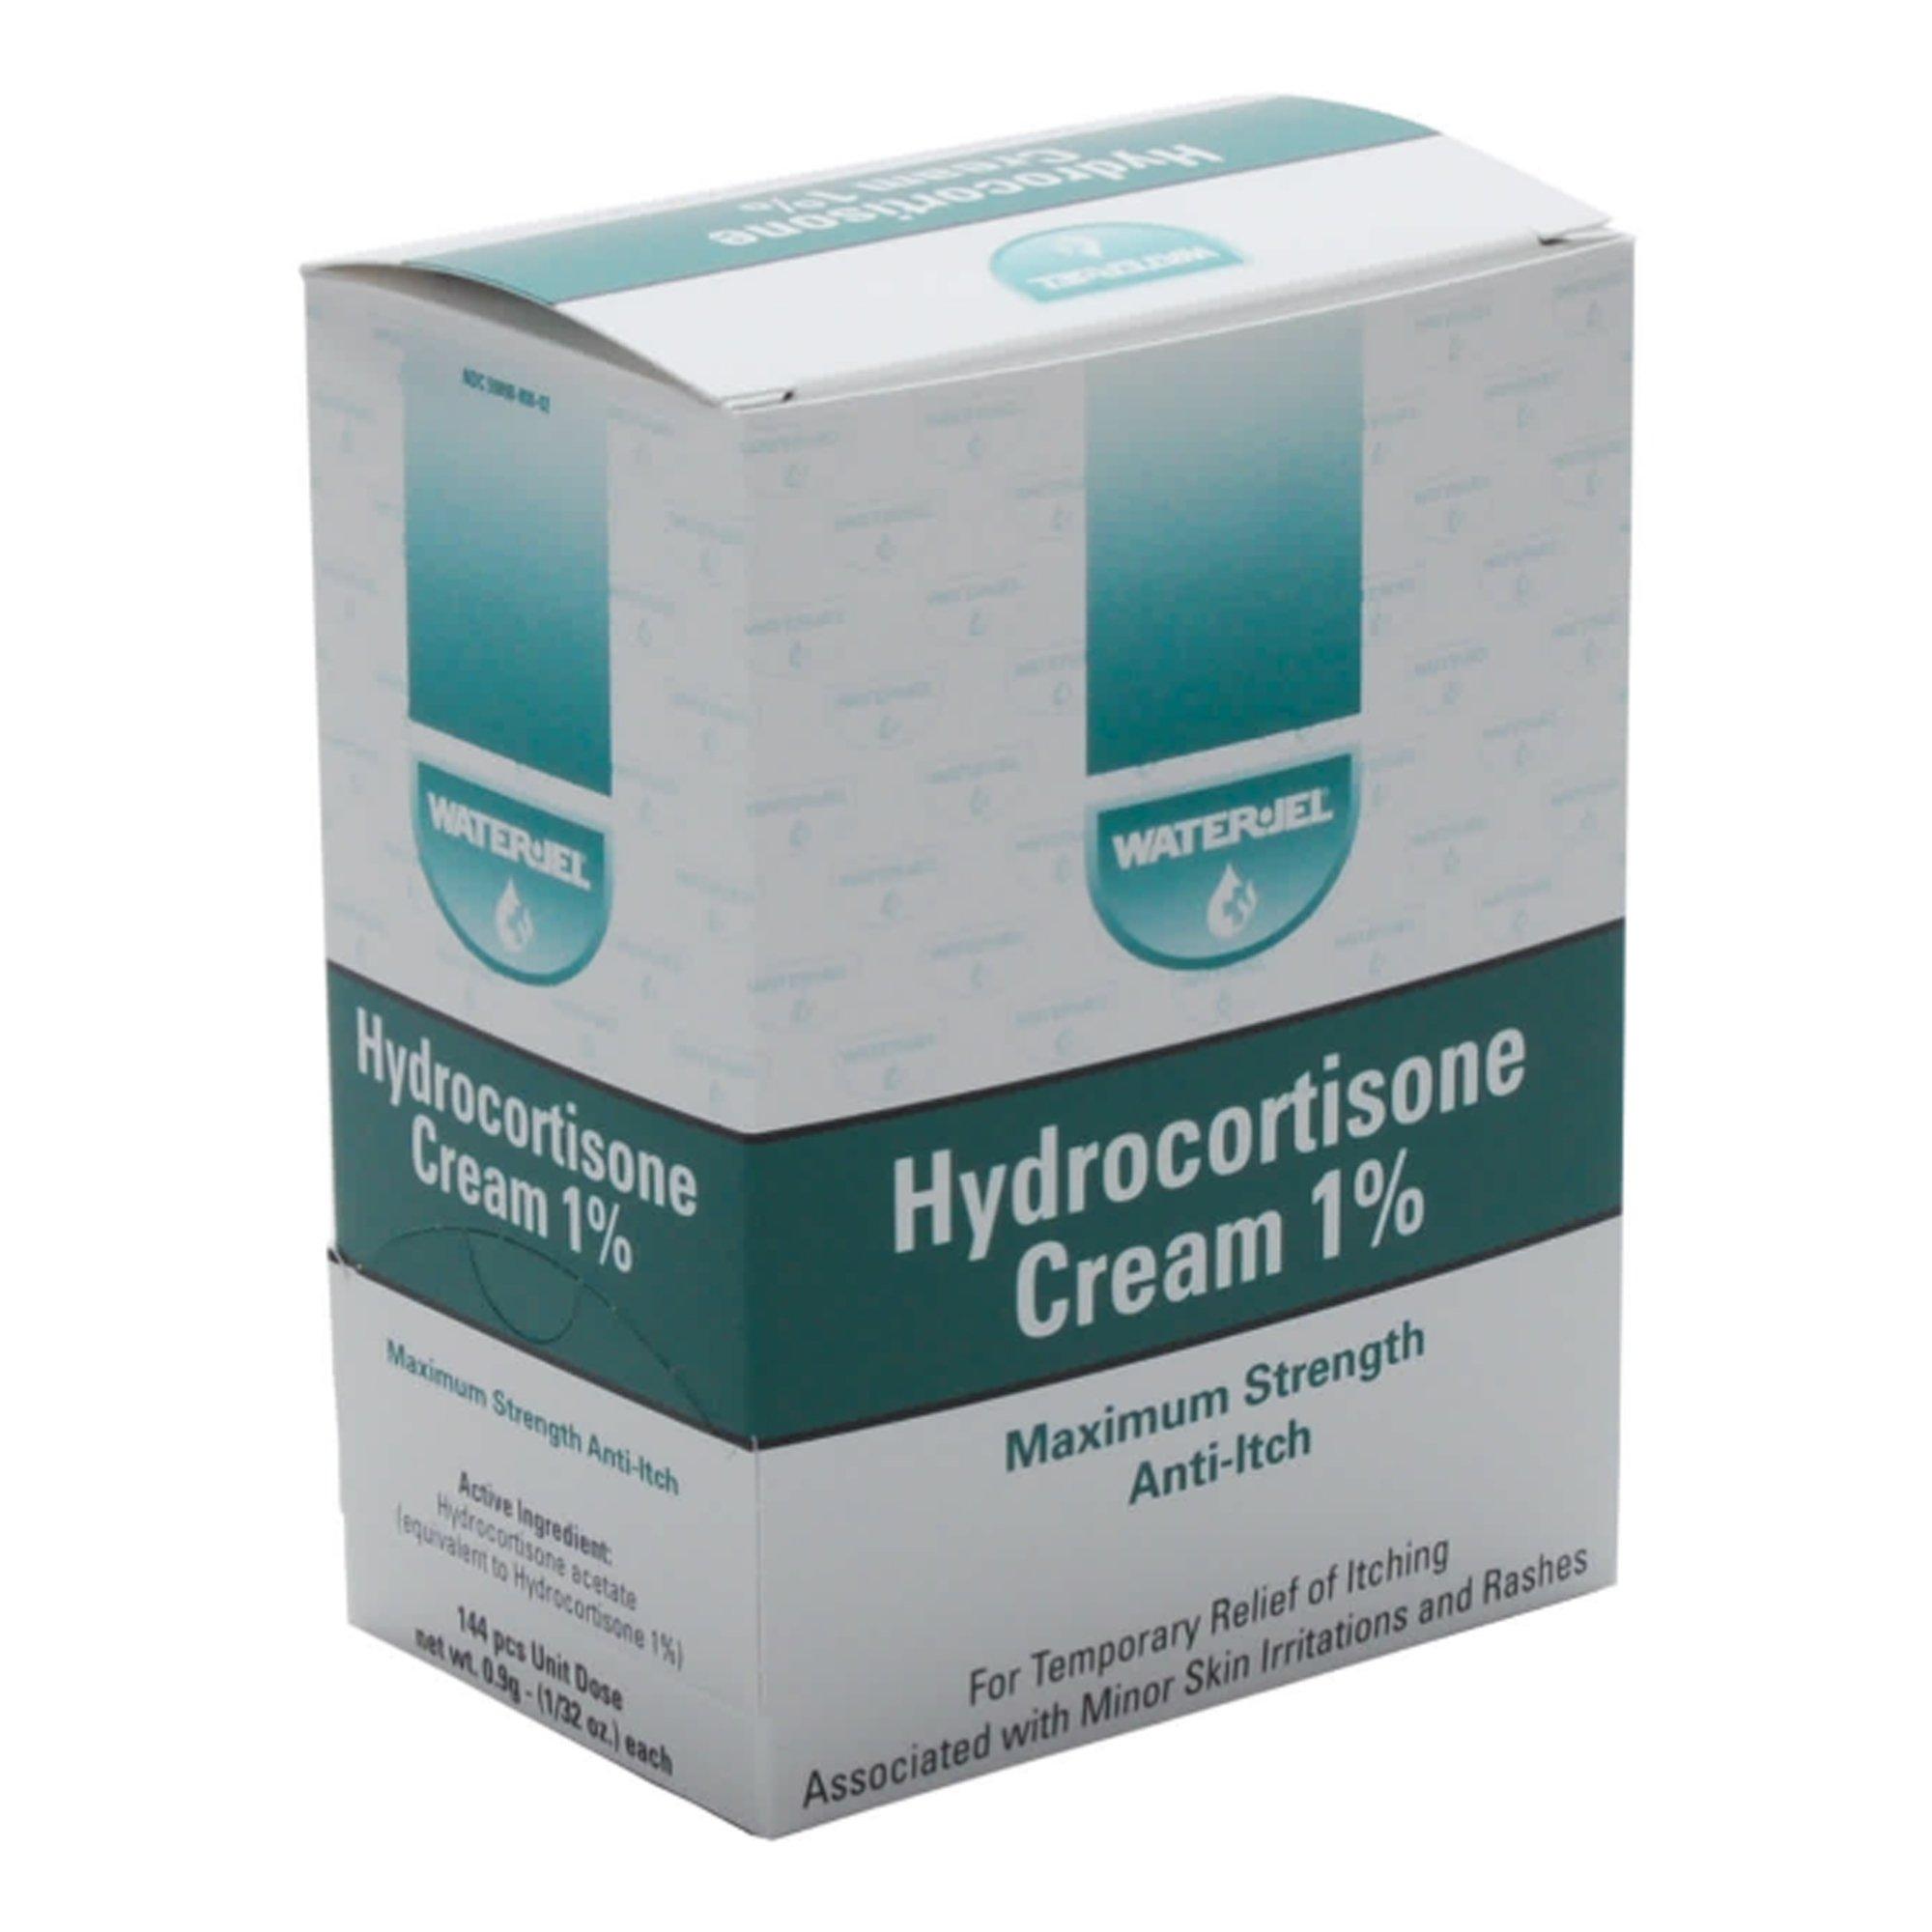 Water-Jel Hydrocortisone Cream, 1% Maximum Strength, WJHY1728, Box of 144